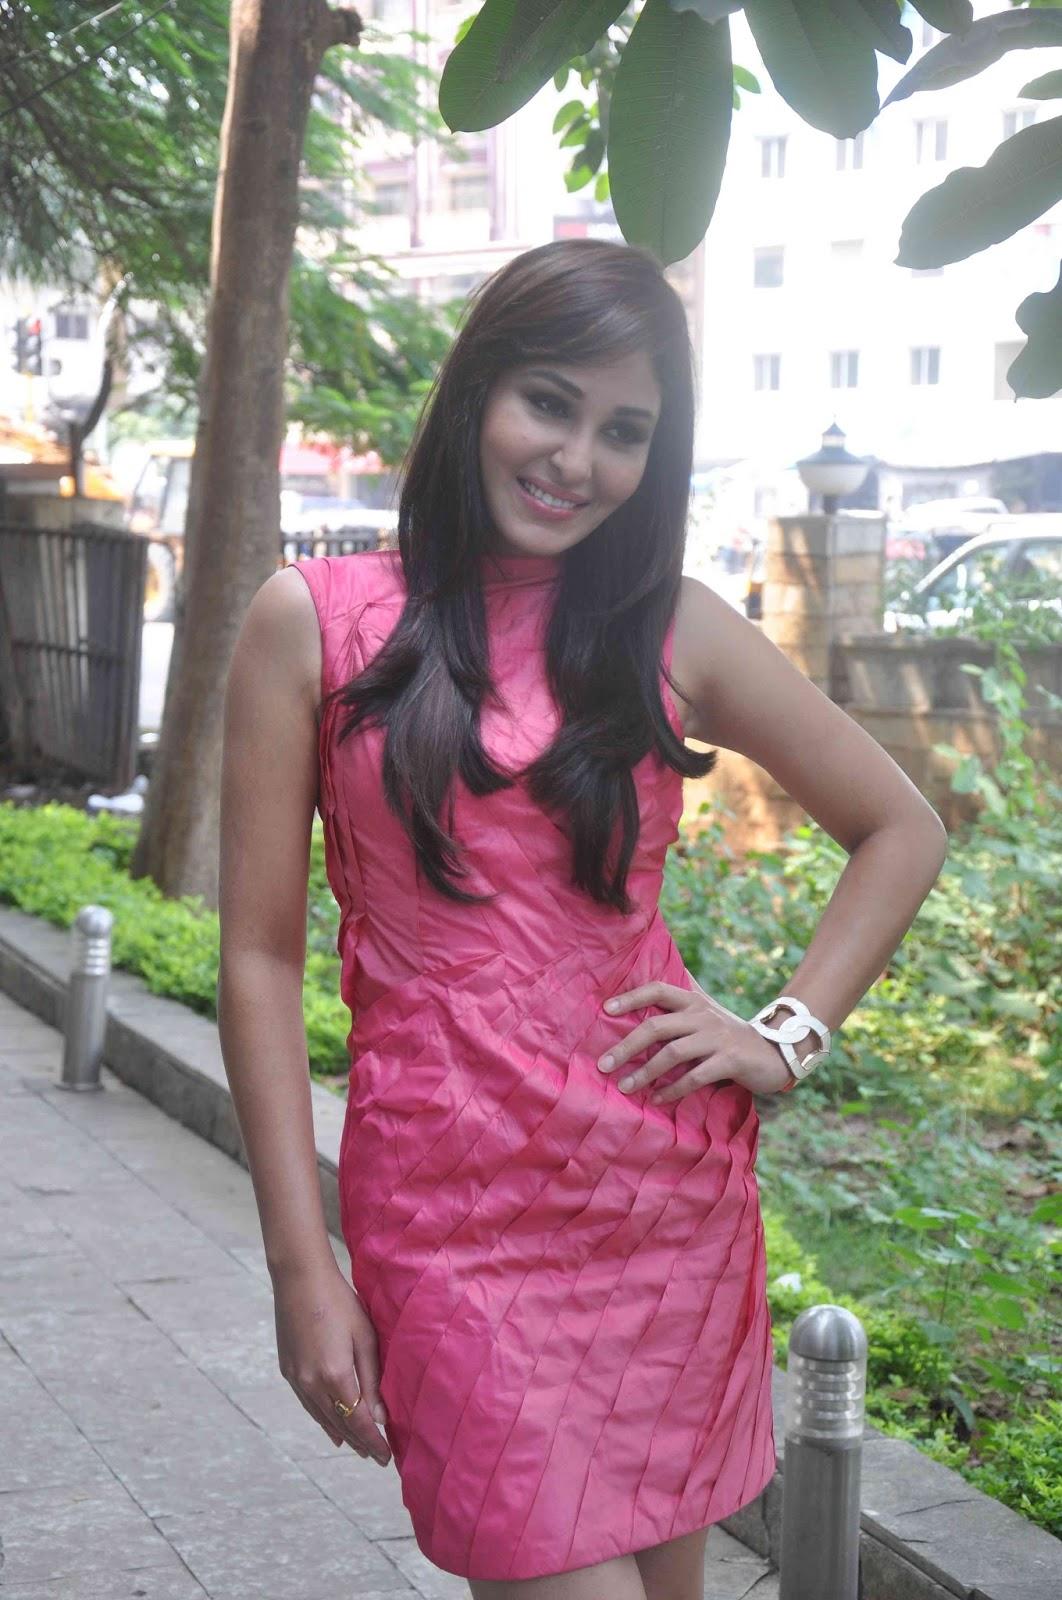 Actress Pooja Facebook Actress Pooja Chopra Pictures